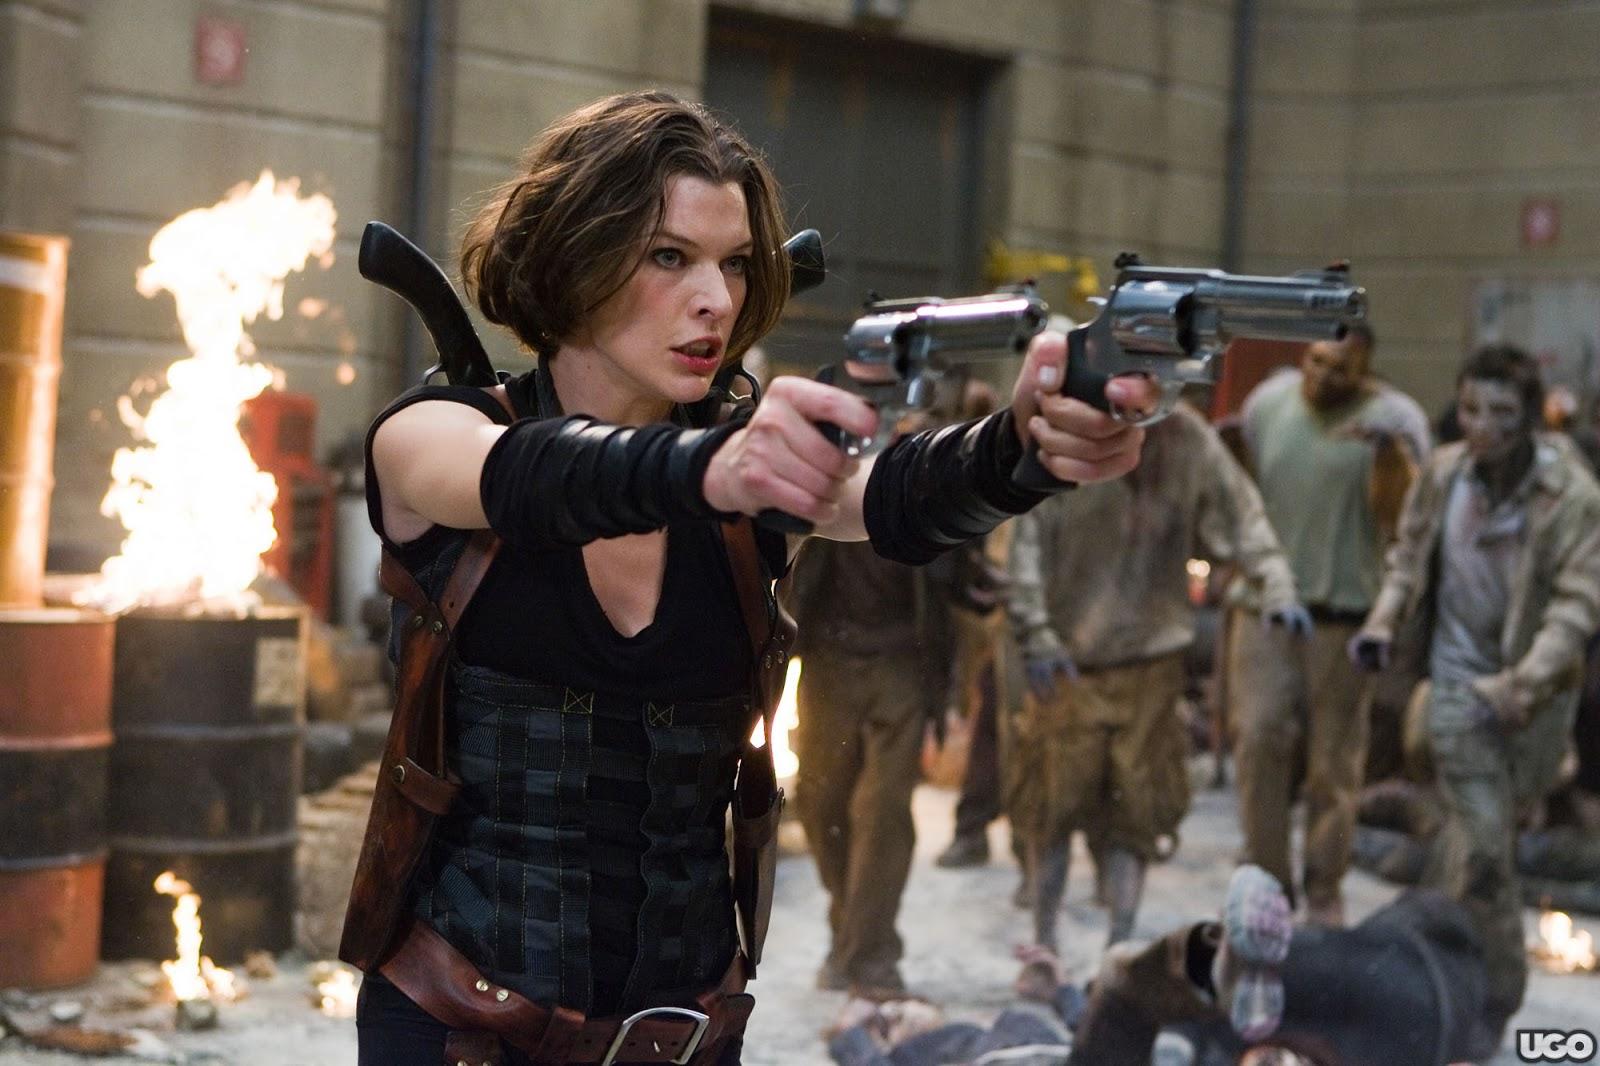 Resident Evil : 新しい映画シリーズがスタートする「バイオハザード」の配信シリーズ化を、Netflix が水面下で進めてることが明らかになった ! !